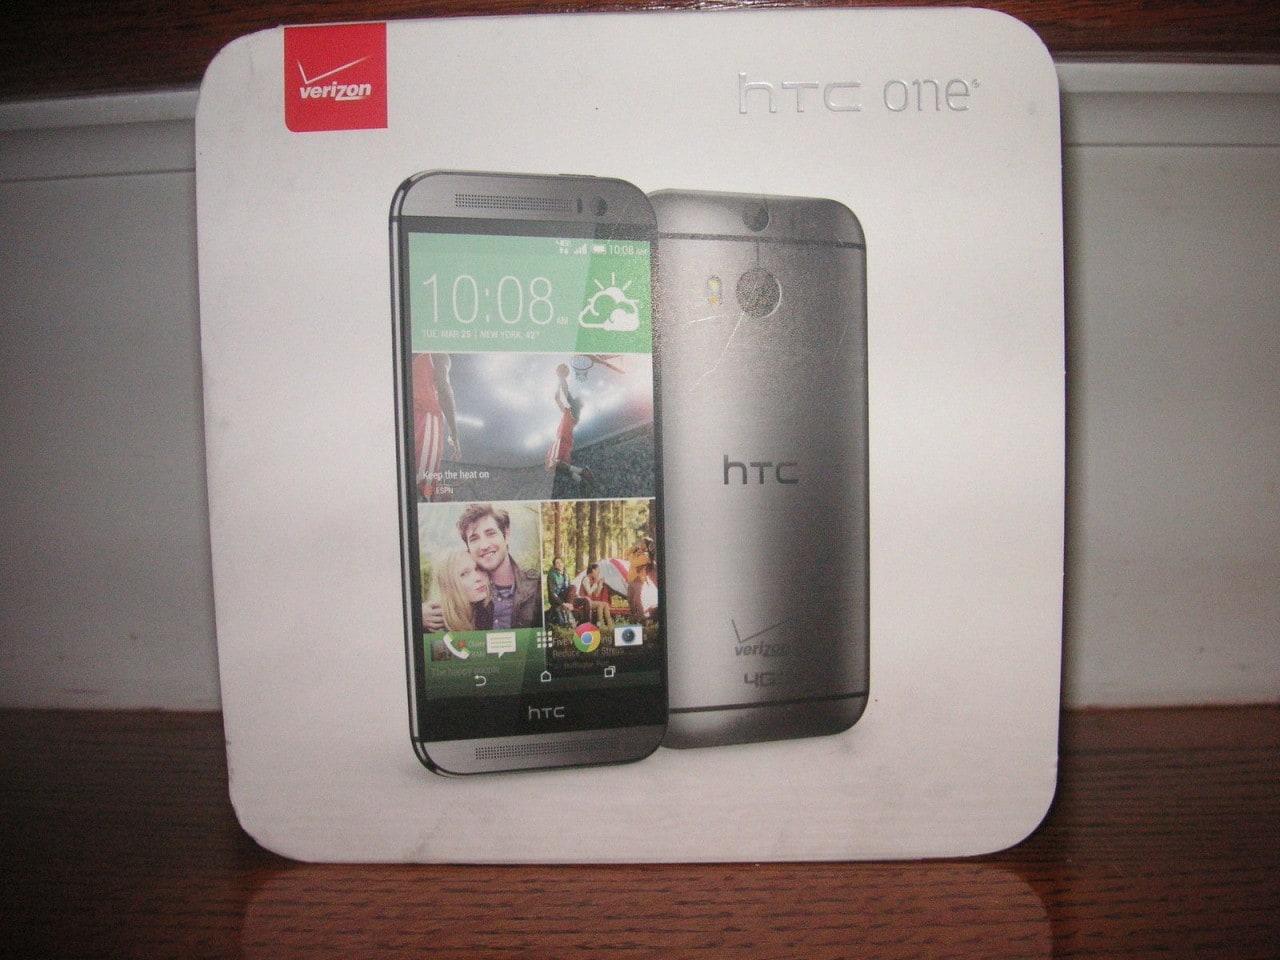 HTC All New One venduto su eBay a 500$: ecco la scatola e tutte le specifiche (foto)